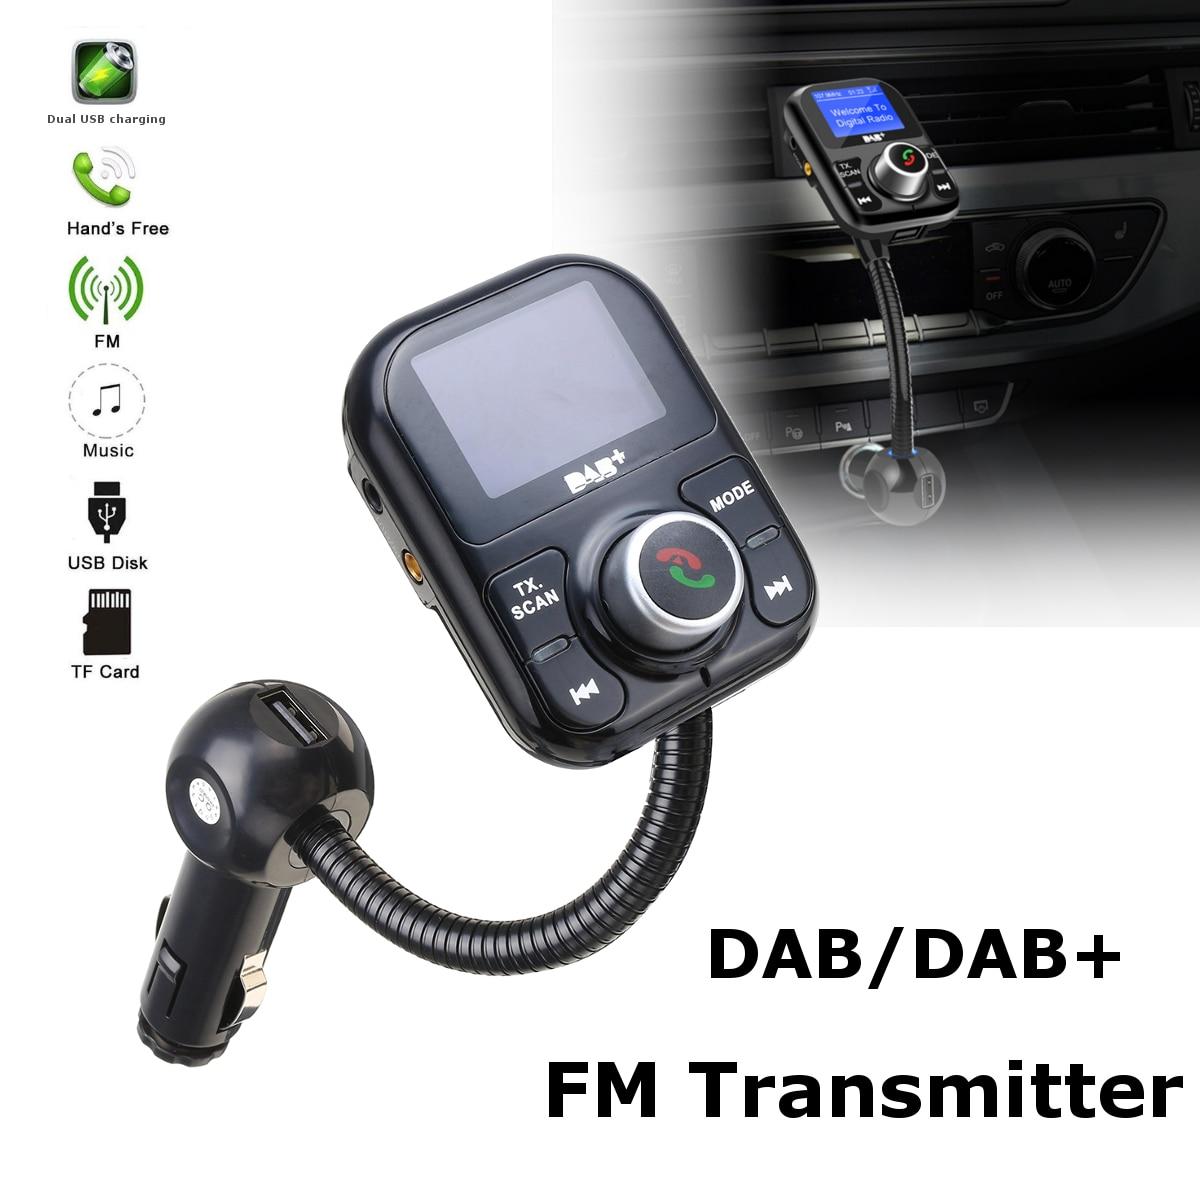 Bluetooth Hands free автомобильный DAB + комплект цифровое радио с двойной адаптер USB приемник передатчик тюнер FM антенна зарядки порты